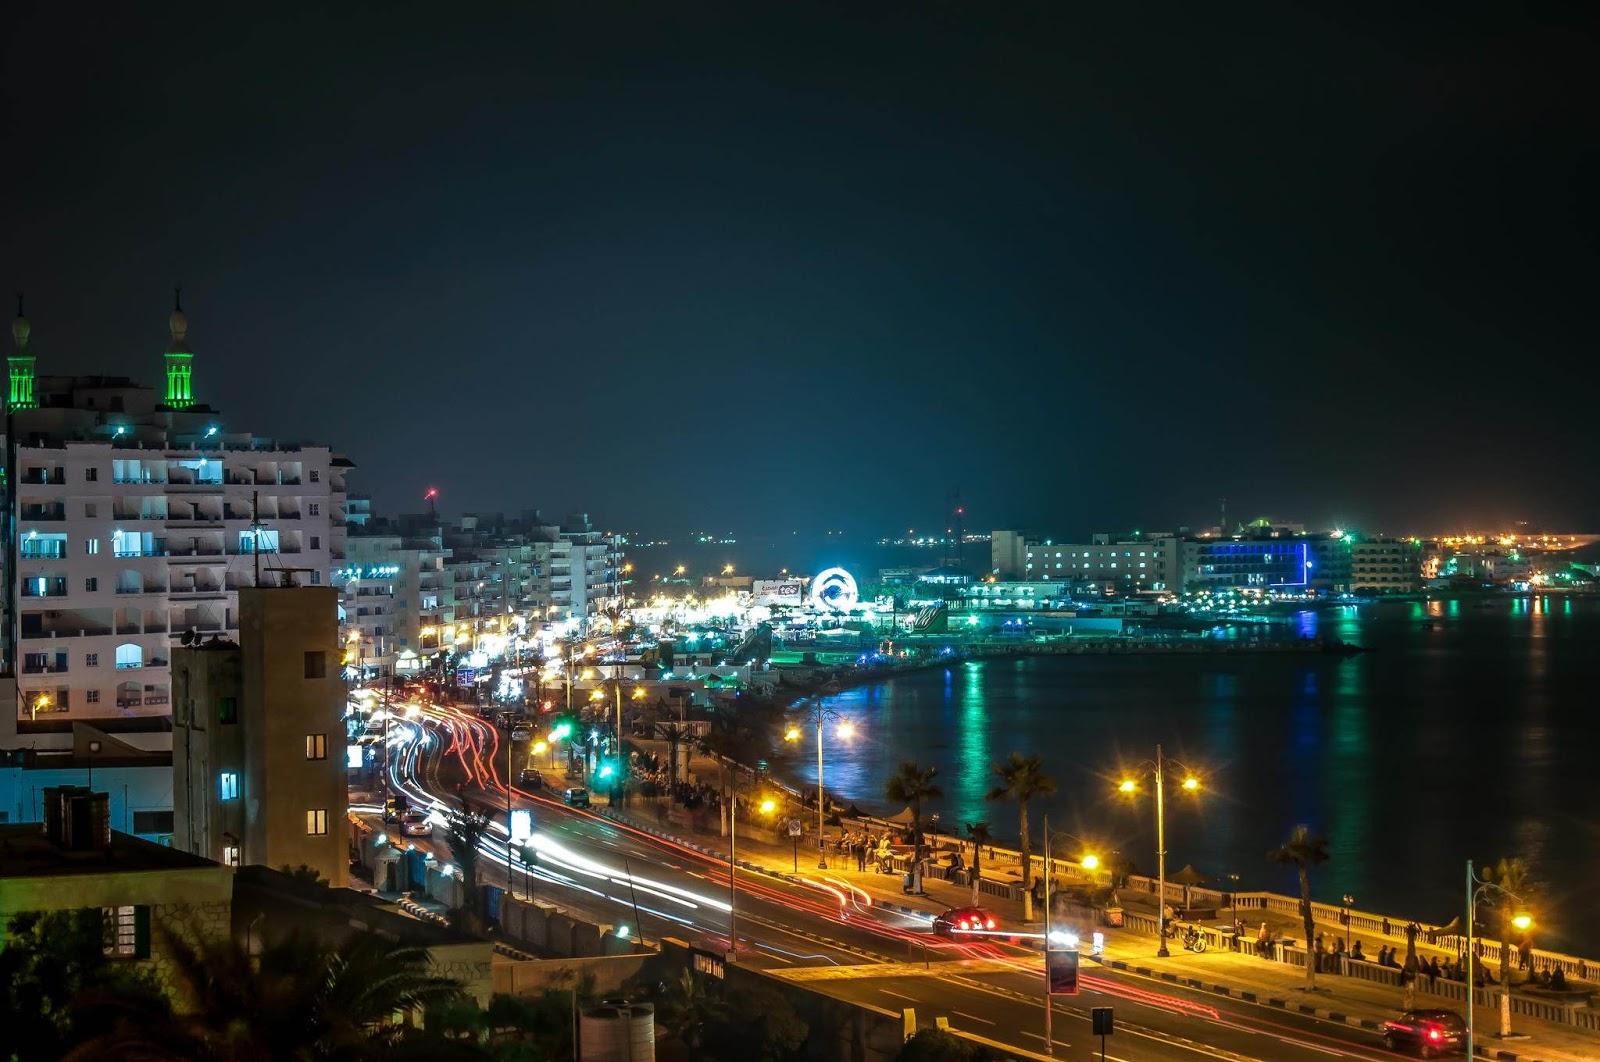 تقسيم أراضي للبيع في مرسي مطروح في شارع علم الروم منطقة متميزة